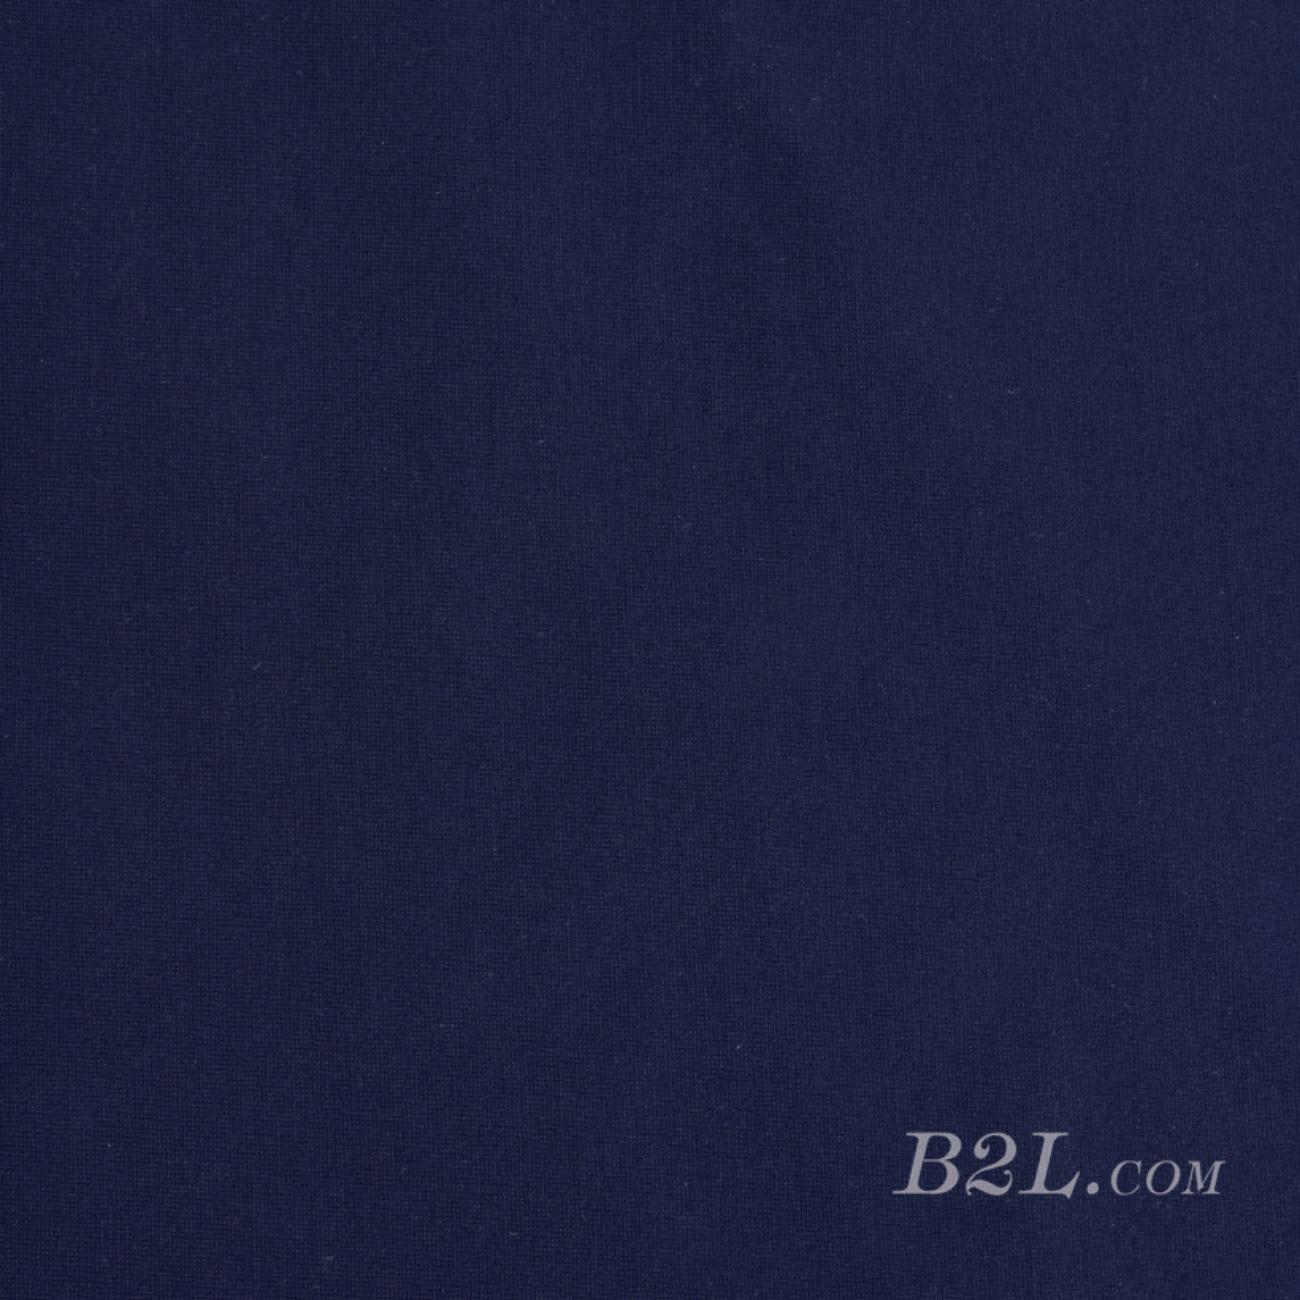 针织染色素色面料-春秋冬连衣裙休闲服外套面料90409-16